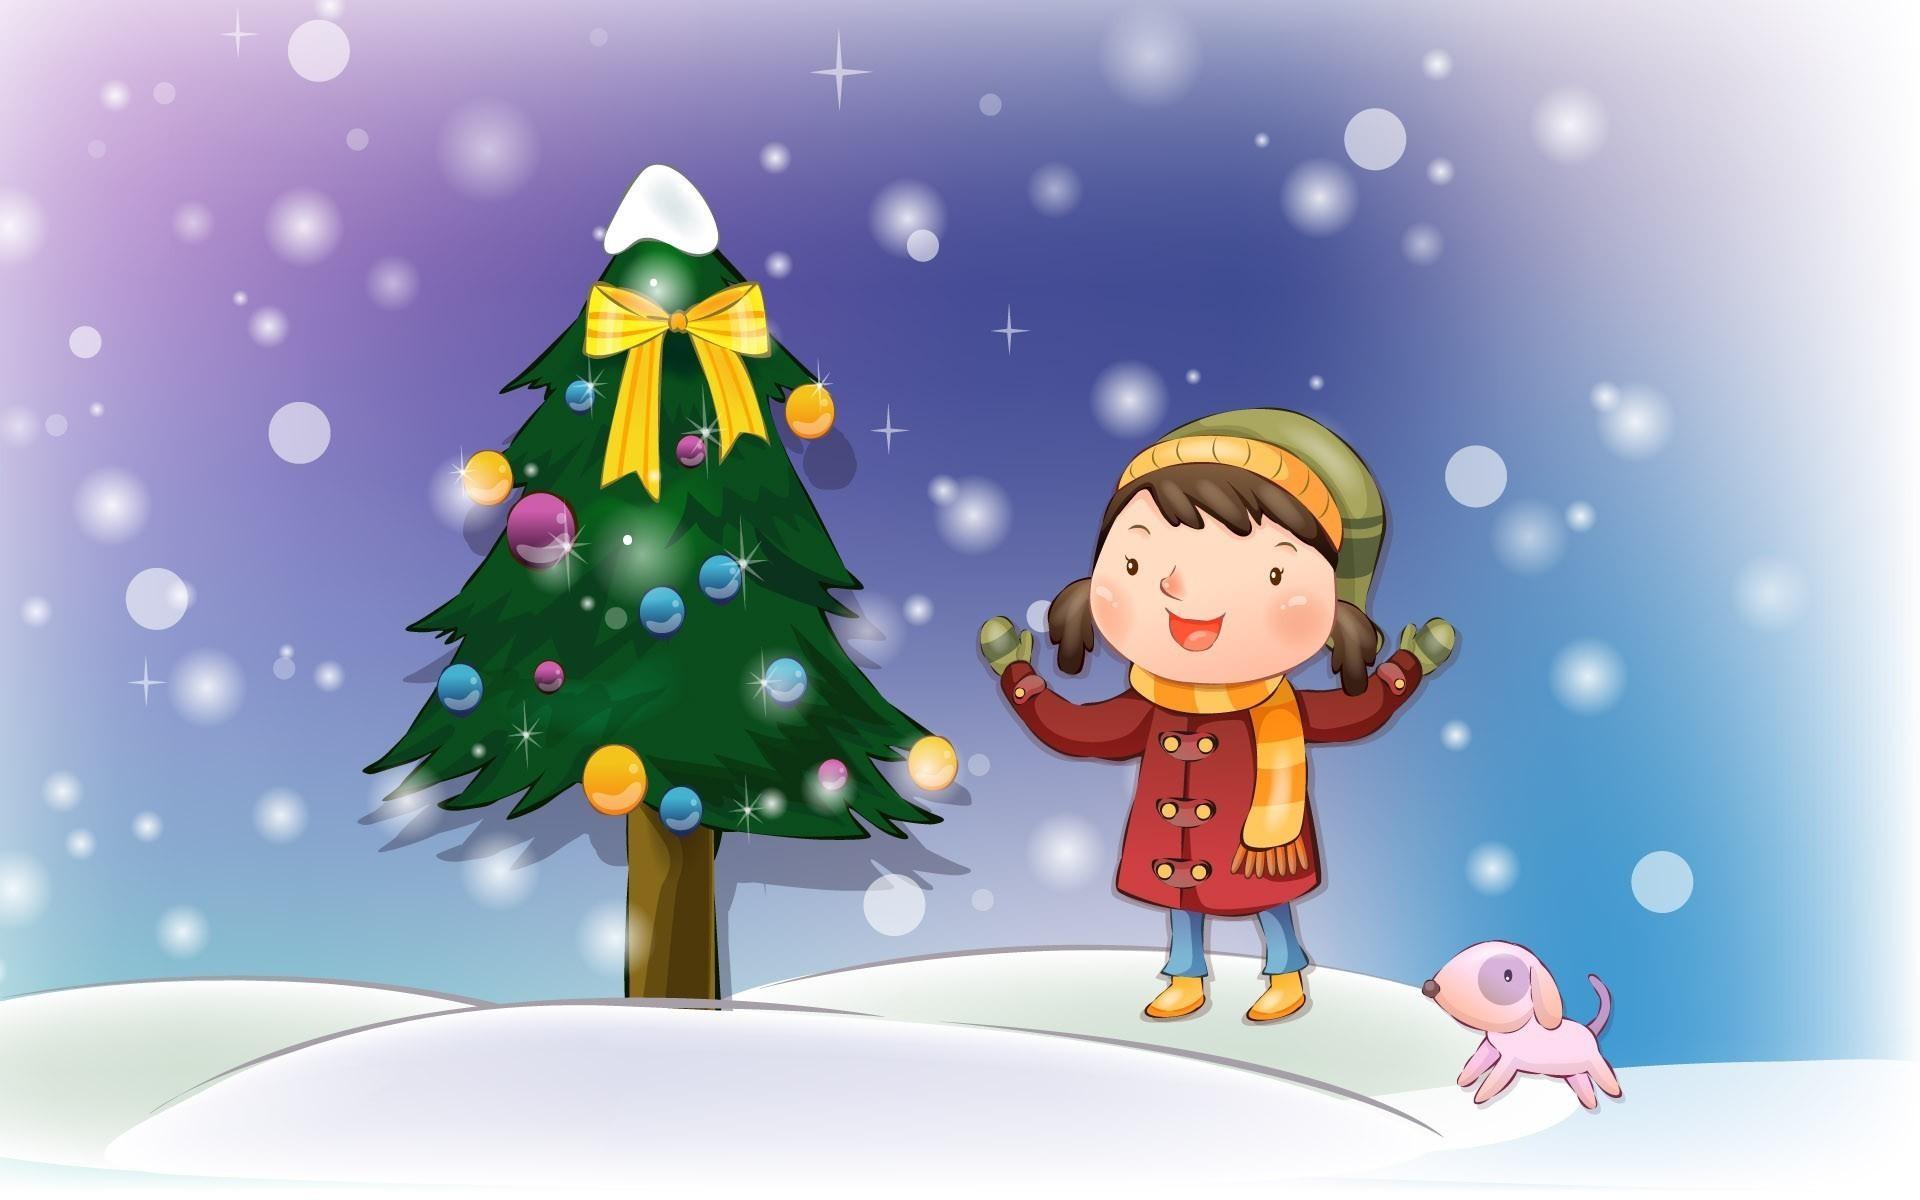 Wallpapers para ni os en navidad hd 1920x1200 imagenes wallpapers gratis dibujos fondos - Dibujo de navidad para ninos ...